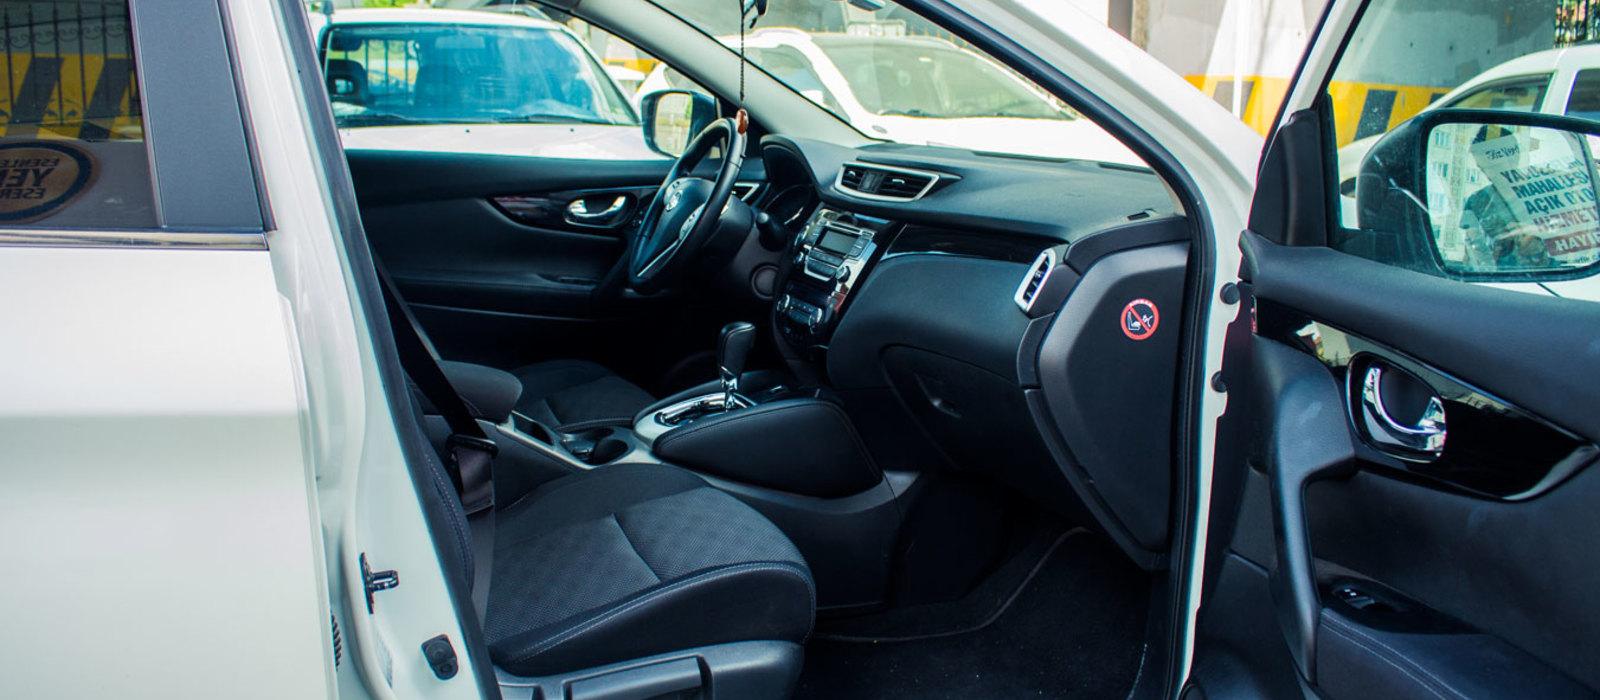 ikinci el araba 2016 Nissan Qashqai 1.6 dCi Tekna Sky Pack Dizel Otomatik 34210 KM 5